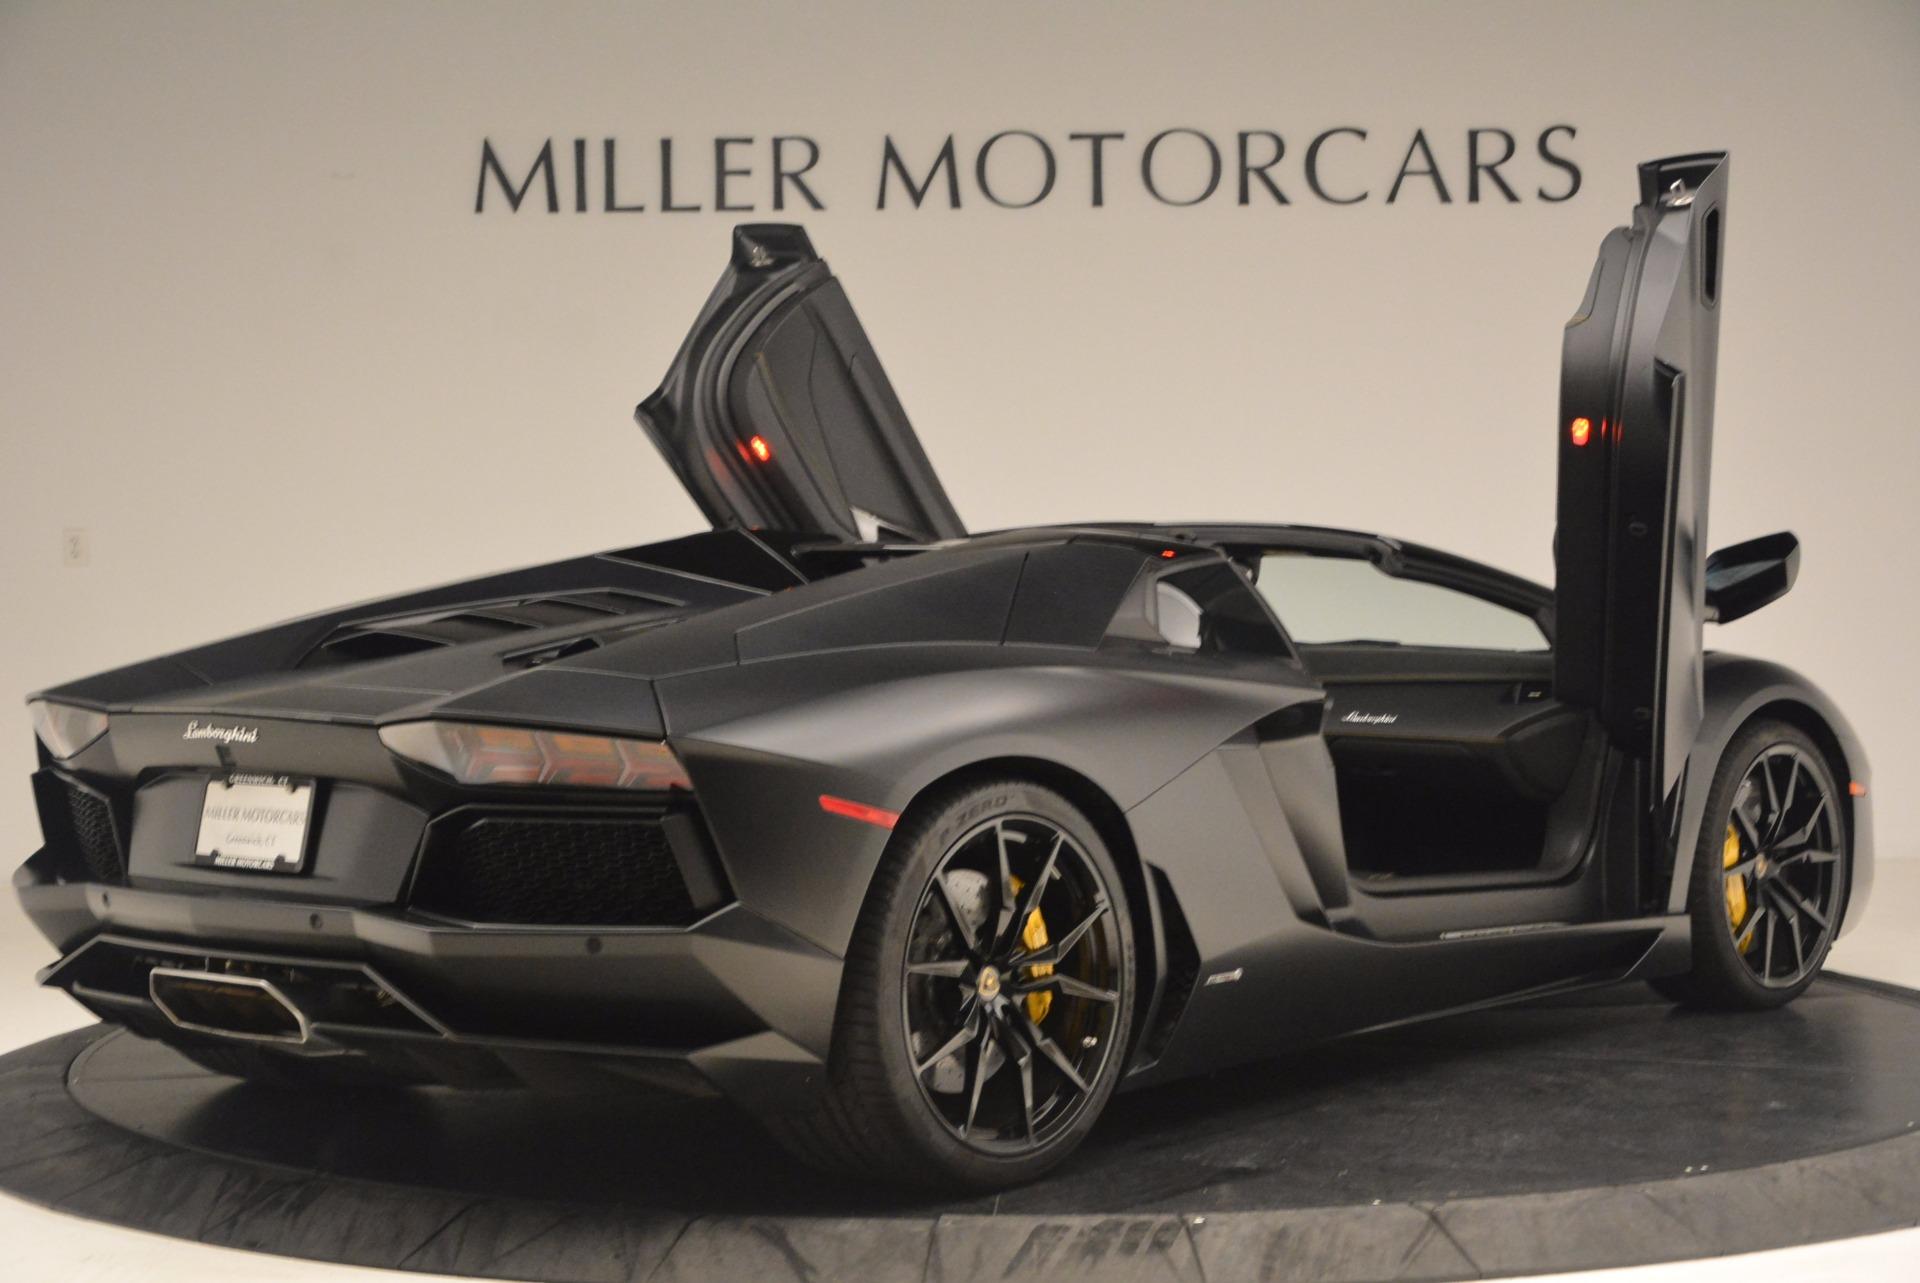 Used 2015 Lamborghini Aventador LP 700-4 For Sale In Greenwich, CT 1217_p16